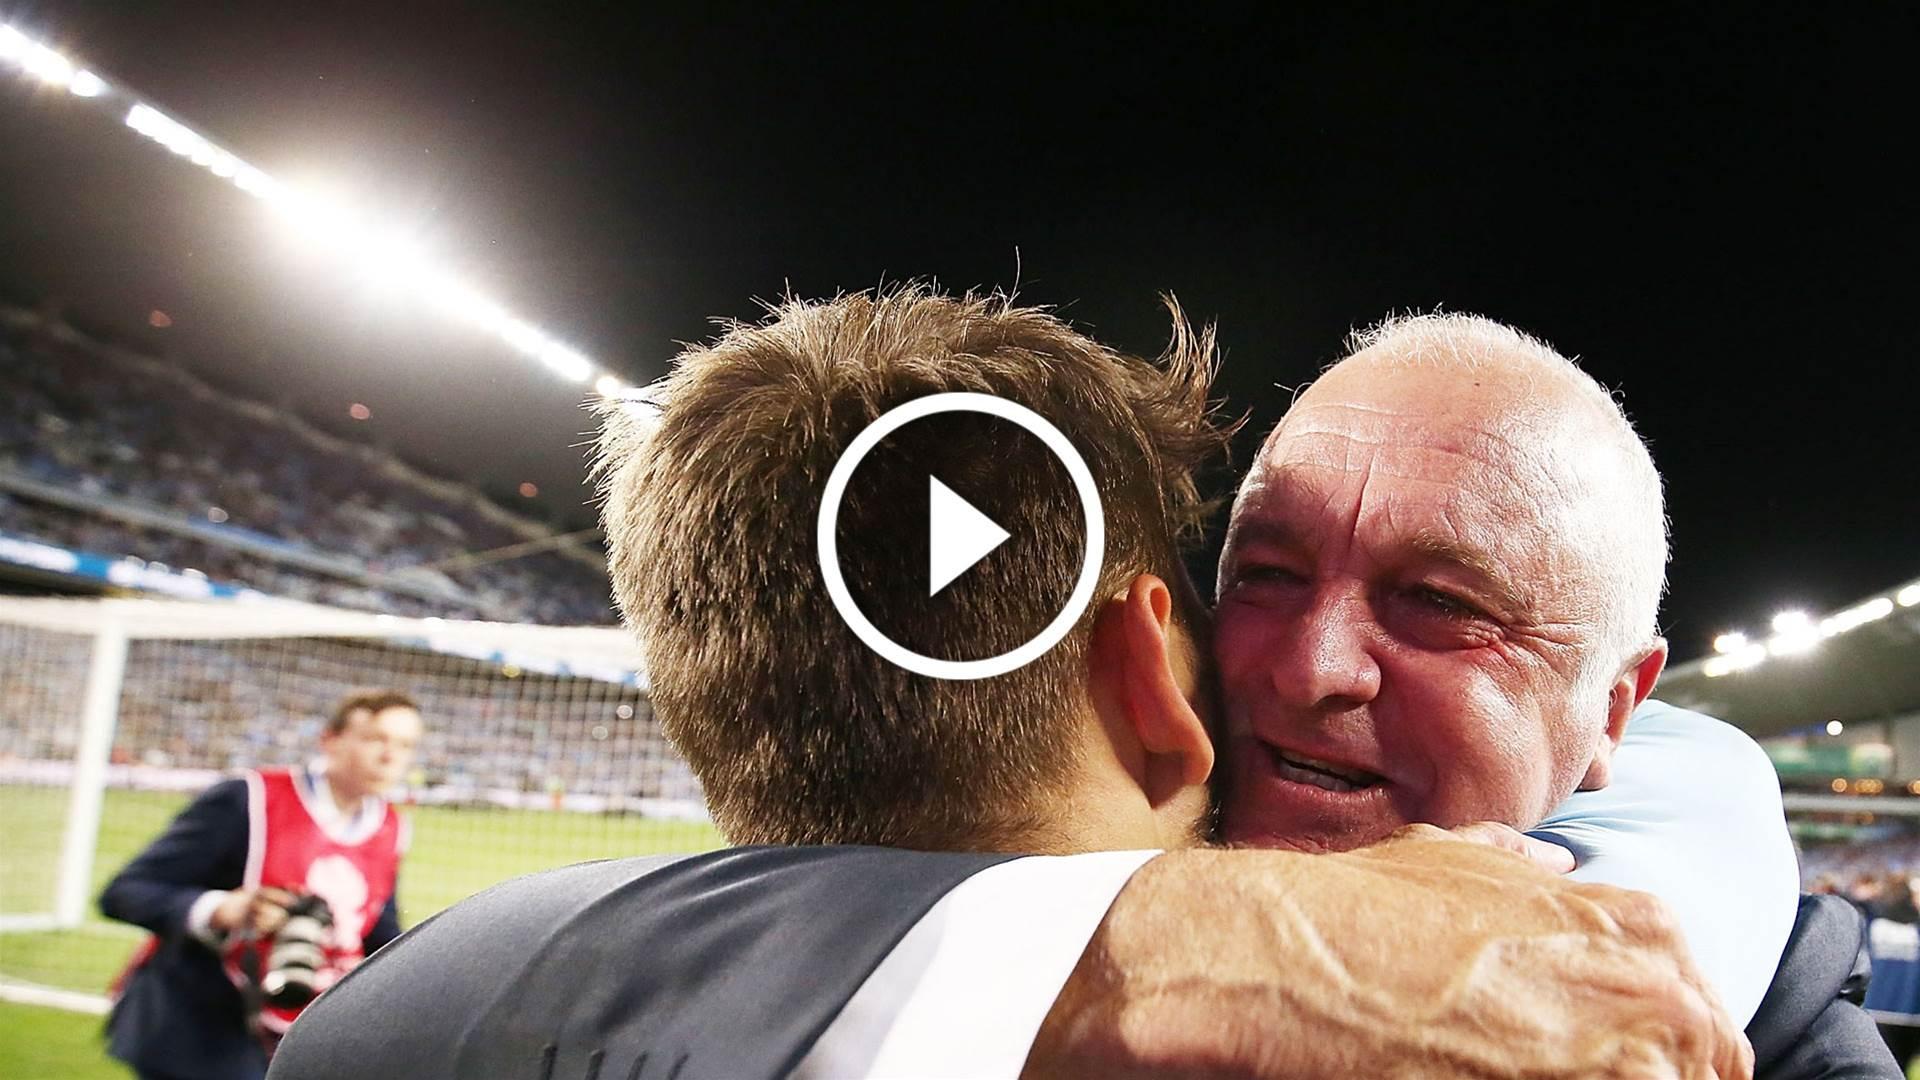 Watch: Sydney's tribute to Arnie